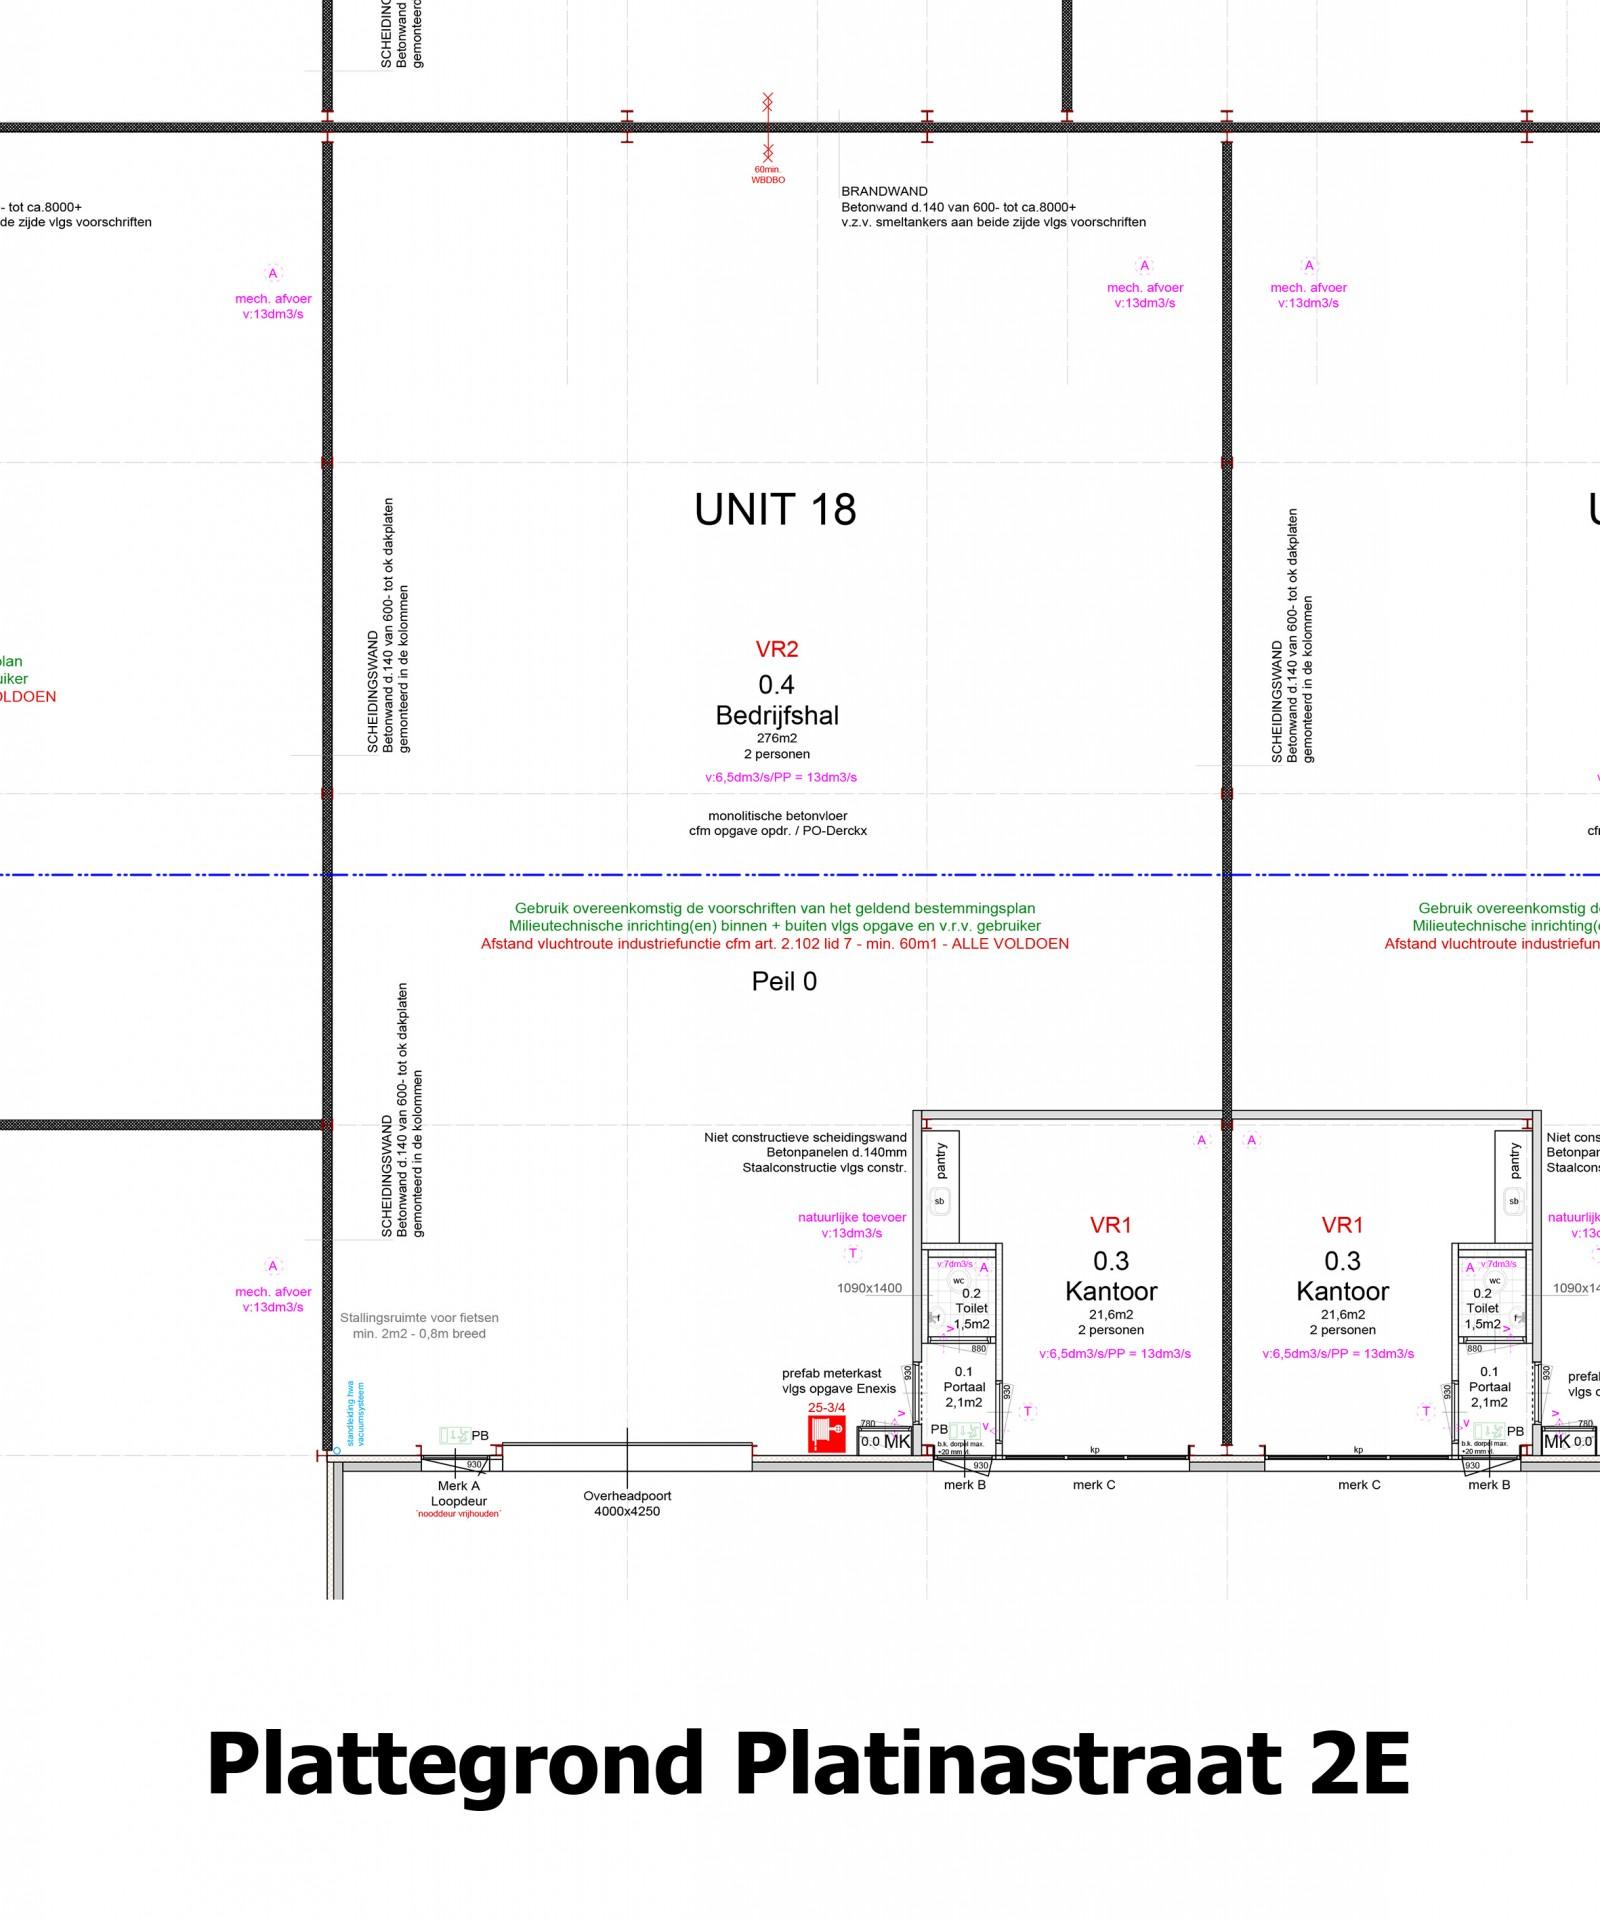 Plattegrond Platinastraat 2 E